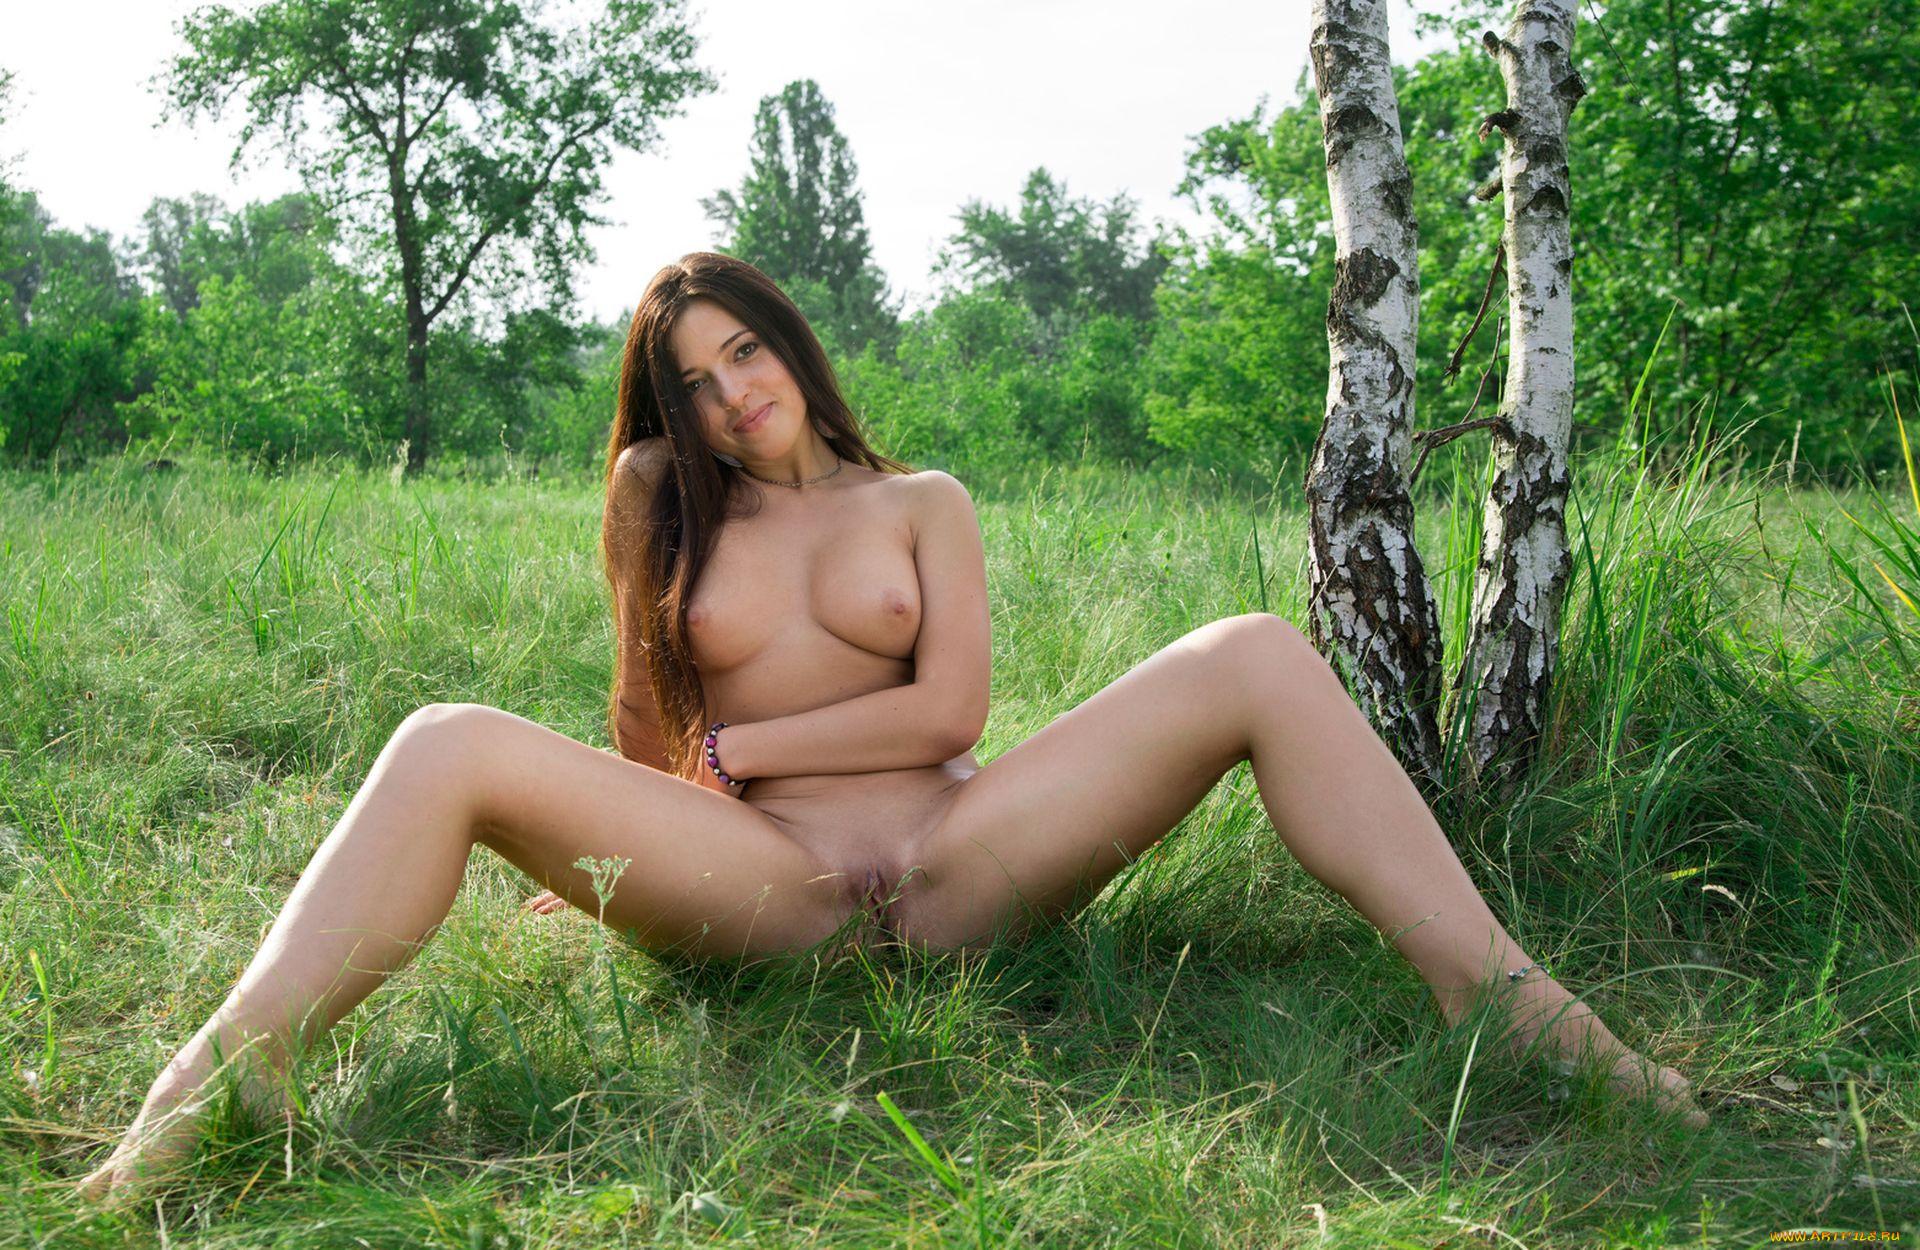 golie-foto-visokogo-razresheniya